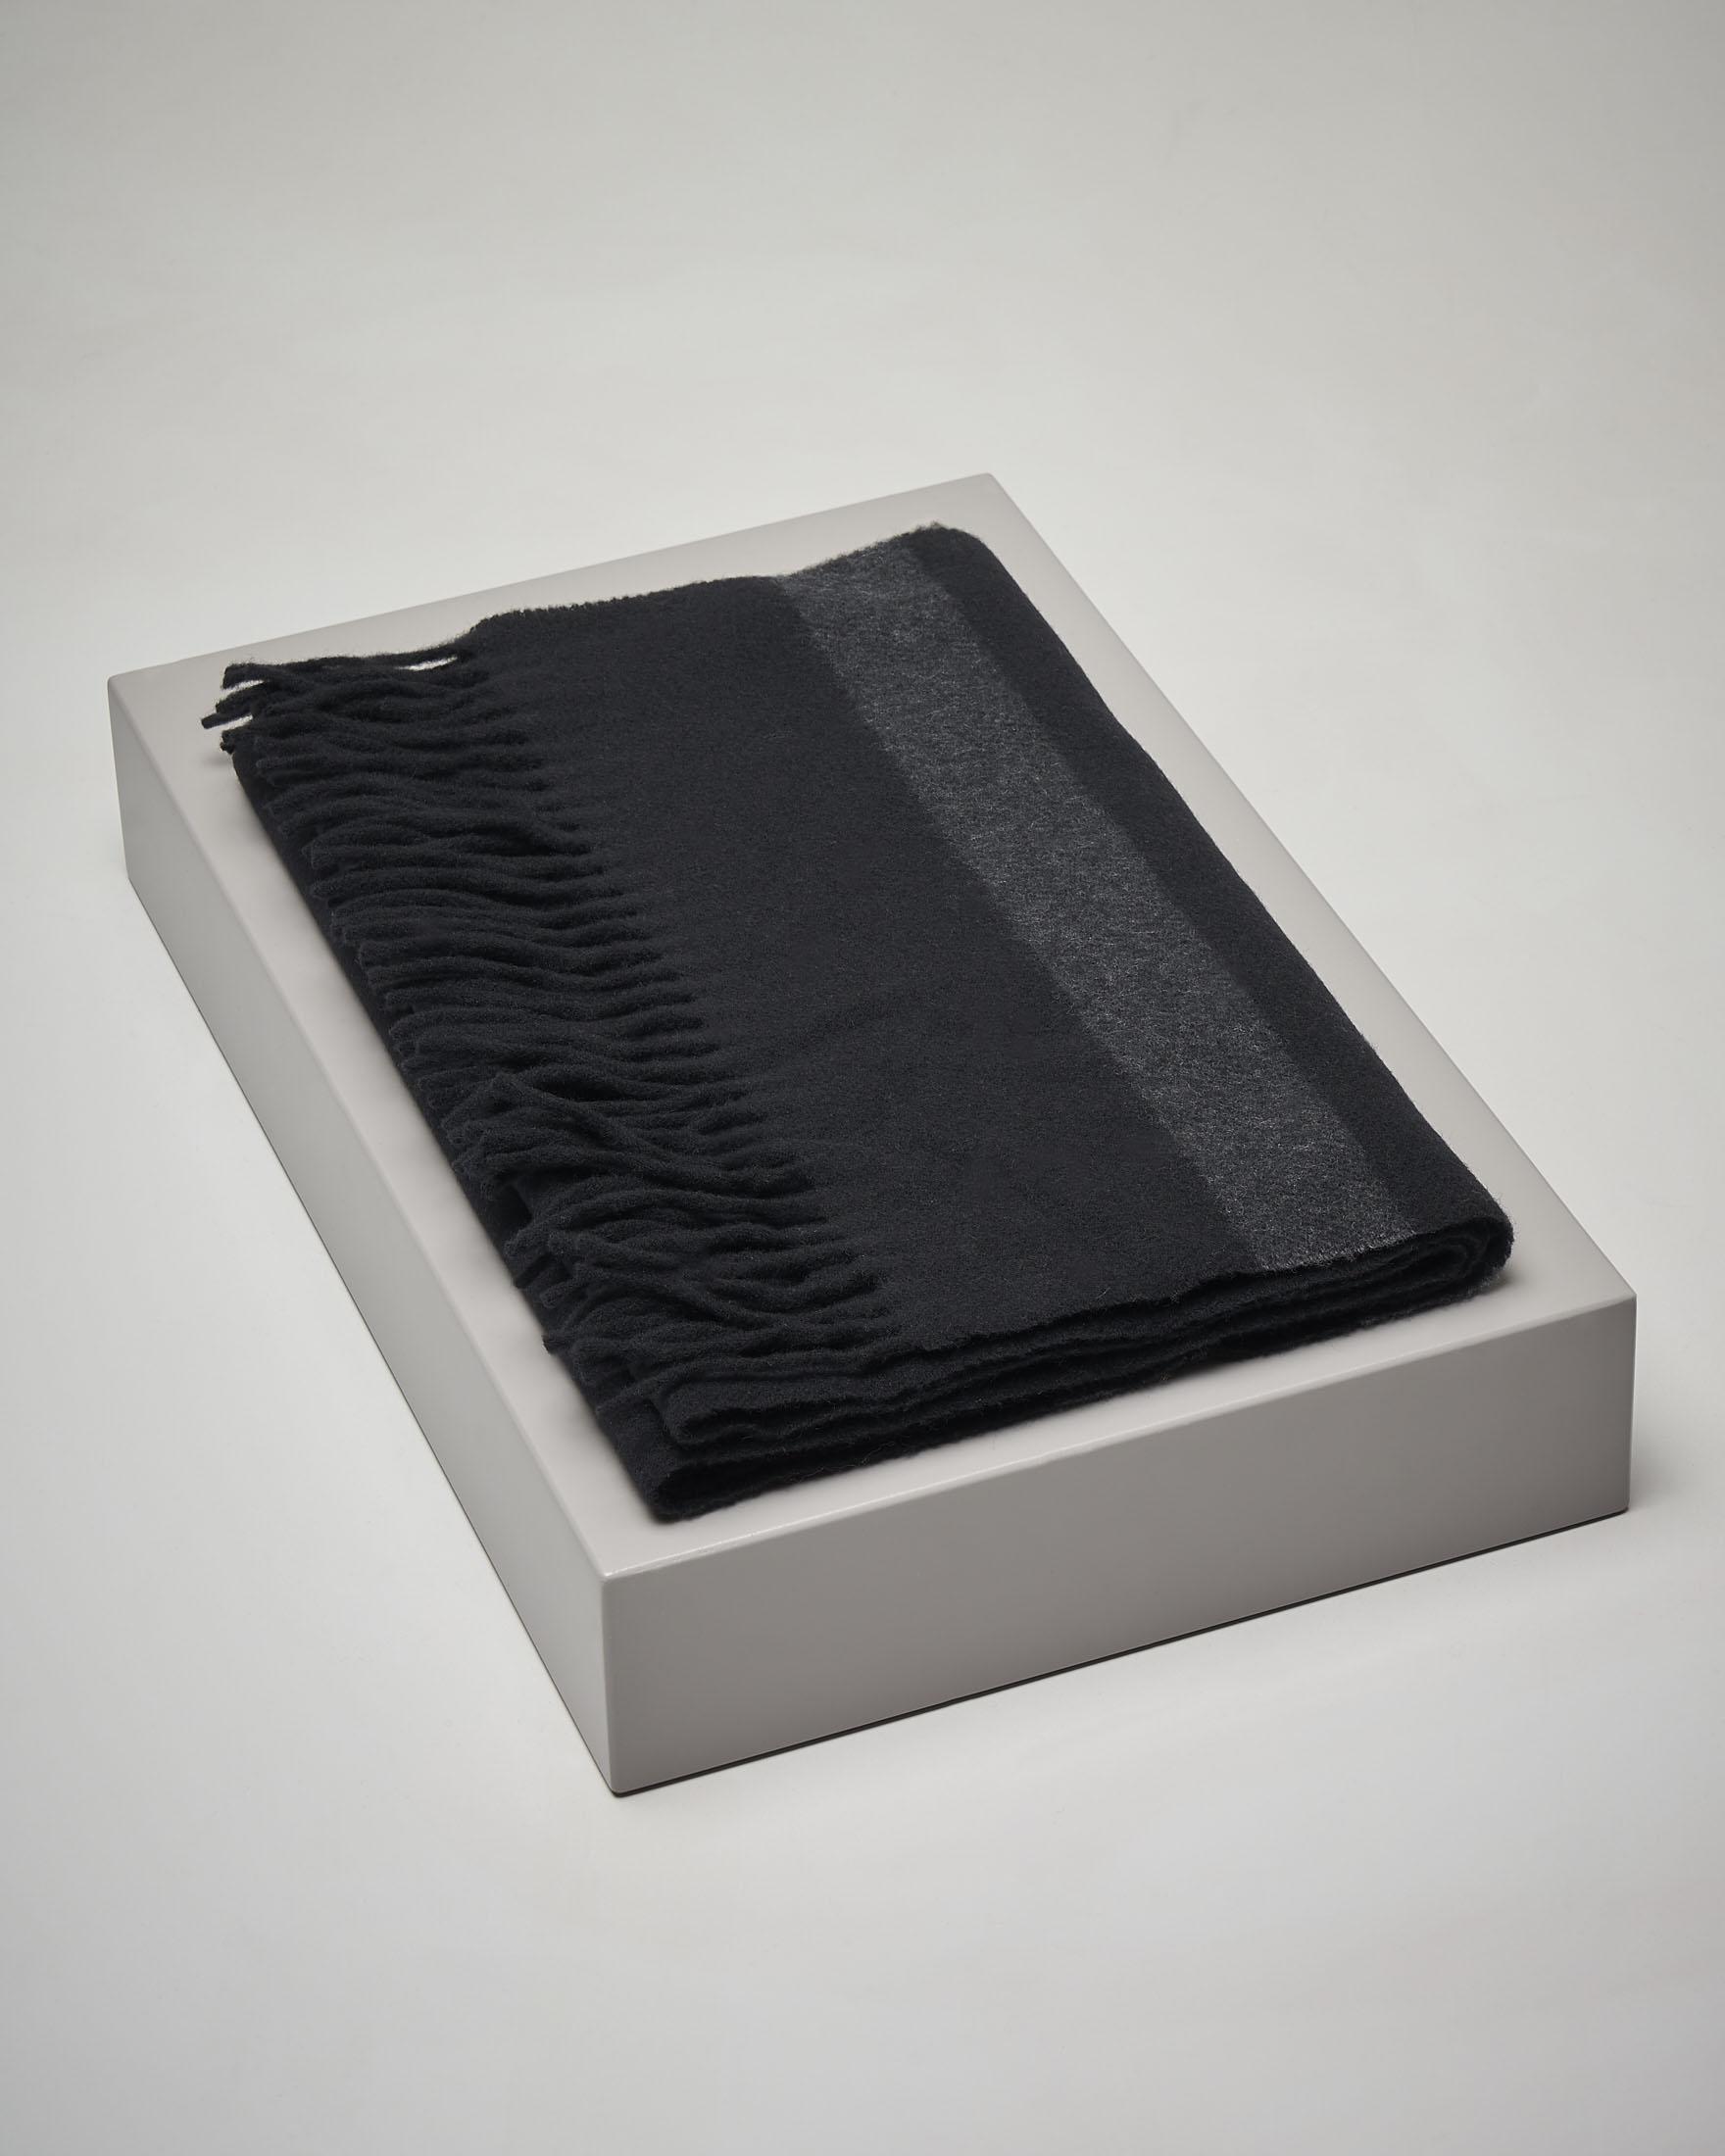 Sciarpa ina lana nera a righe color grigio con frange